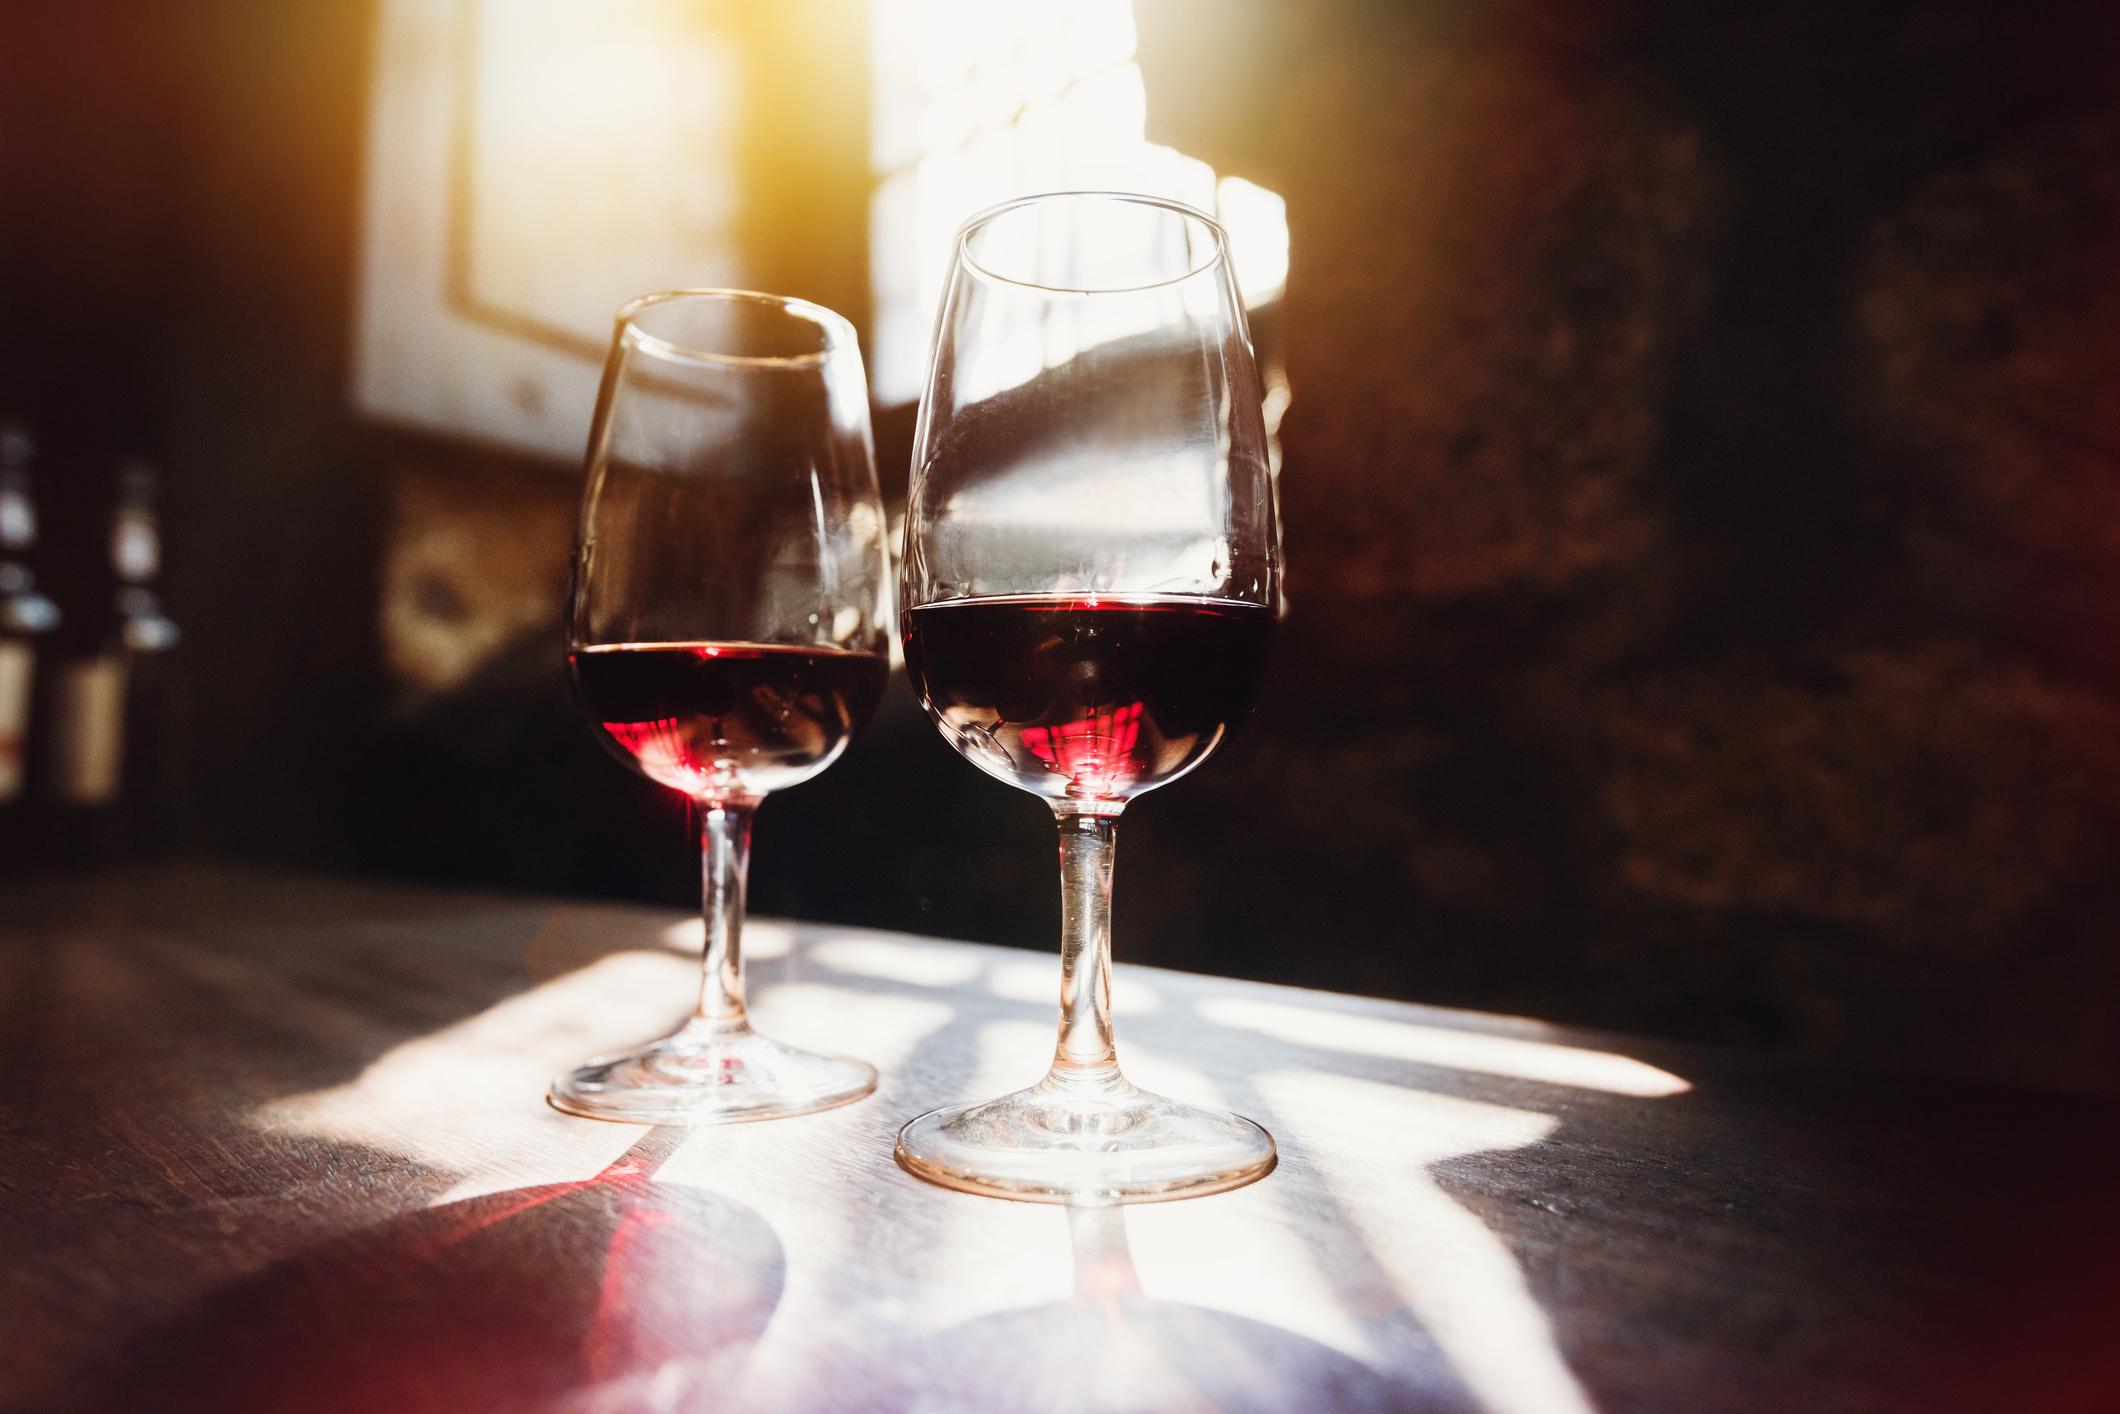 Os mercados emergentes como o Japão ou a Coreia do Sul têm estado na mira do sector vinícola